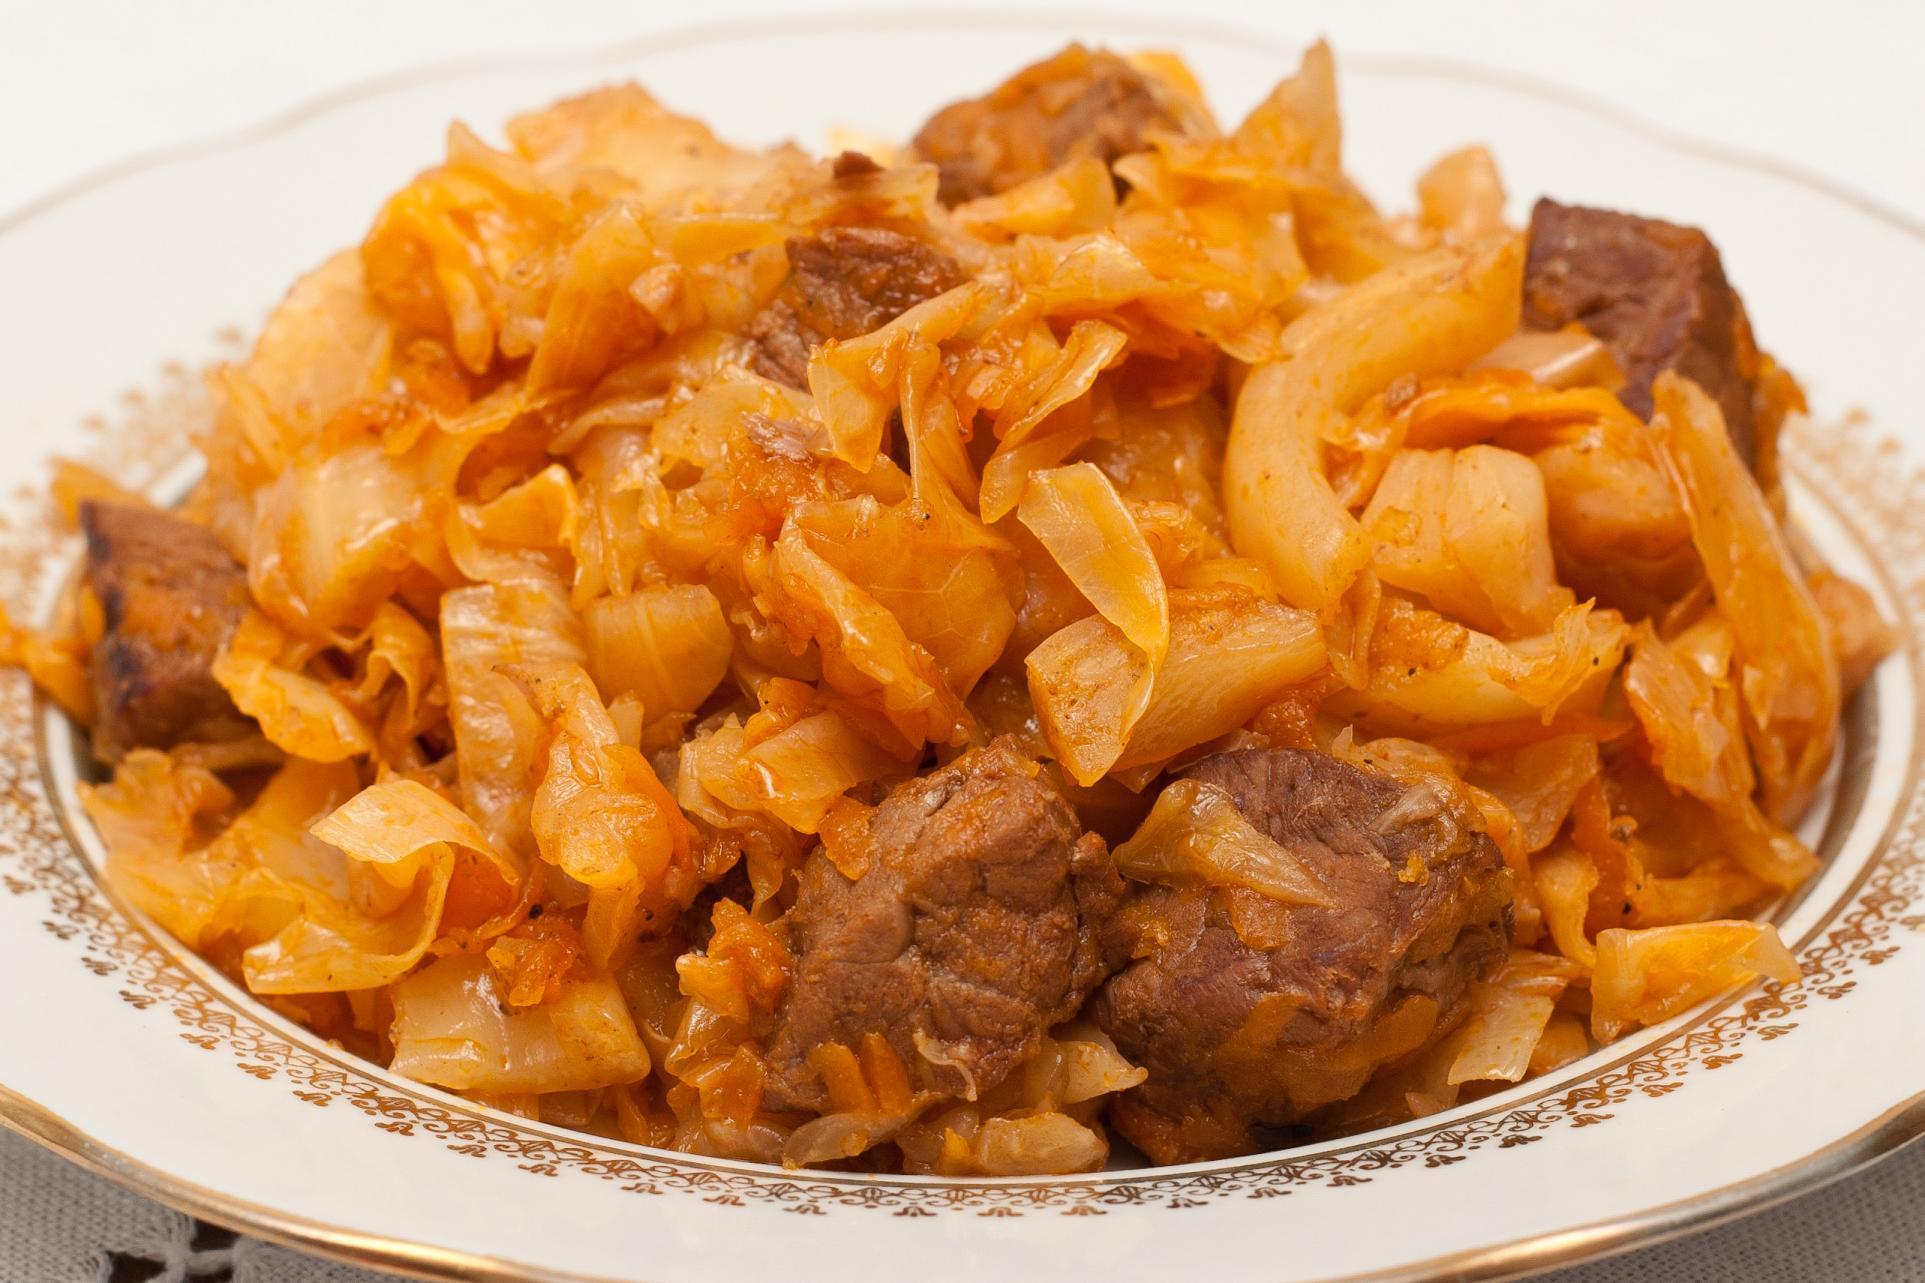 капуста тушёная с картошкой и мясом